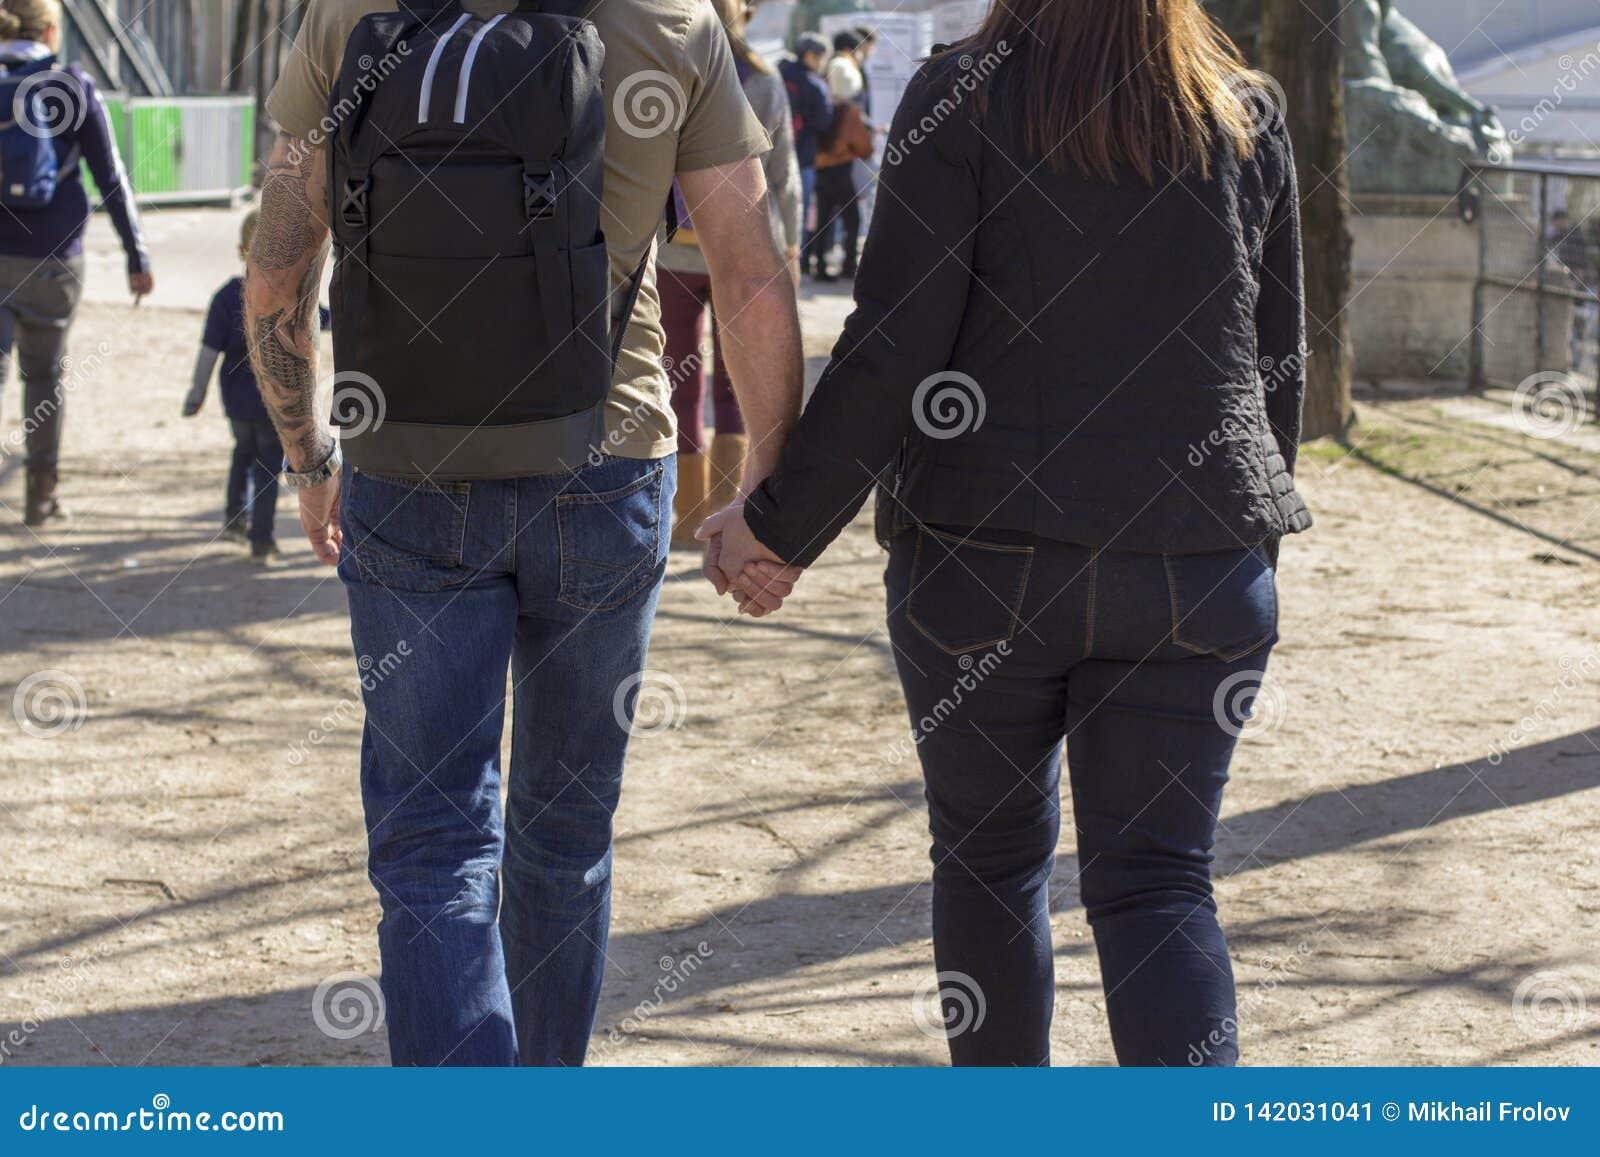 Dünner Mann hält die Hand einer Frau beim Gehen